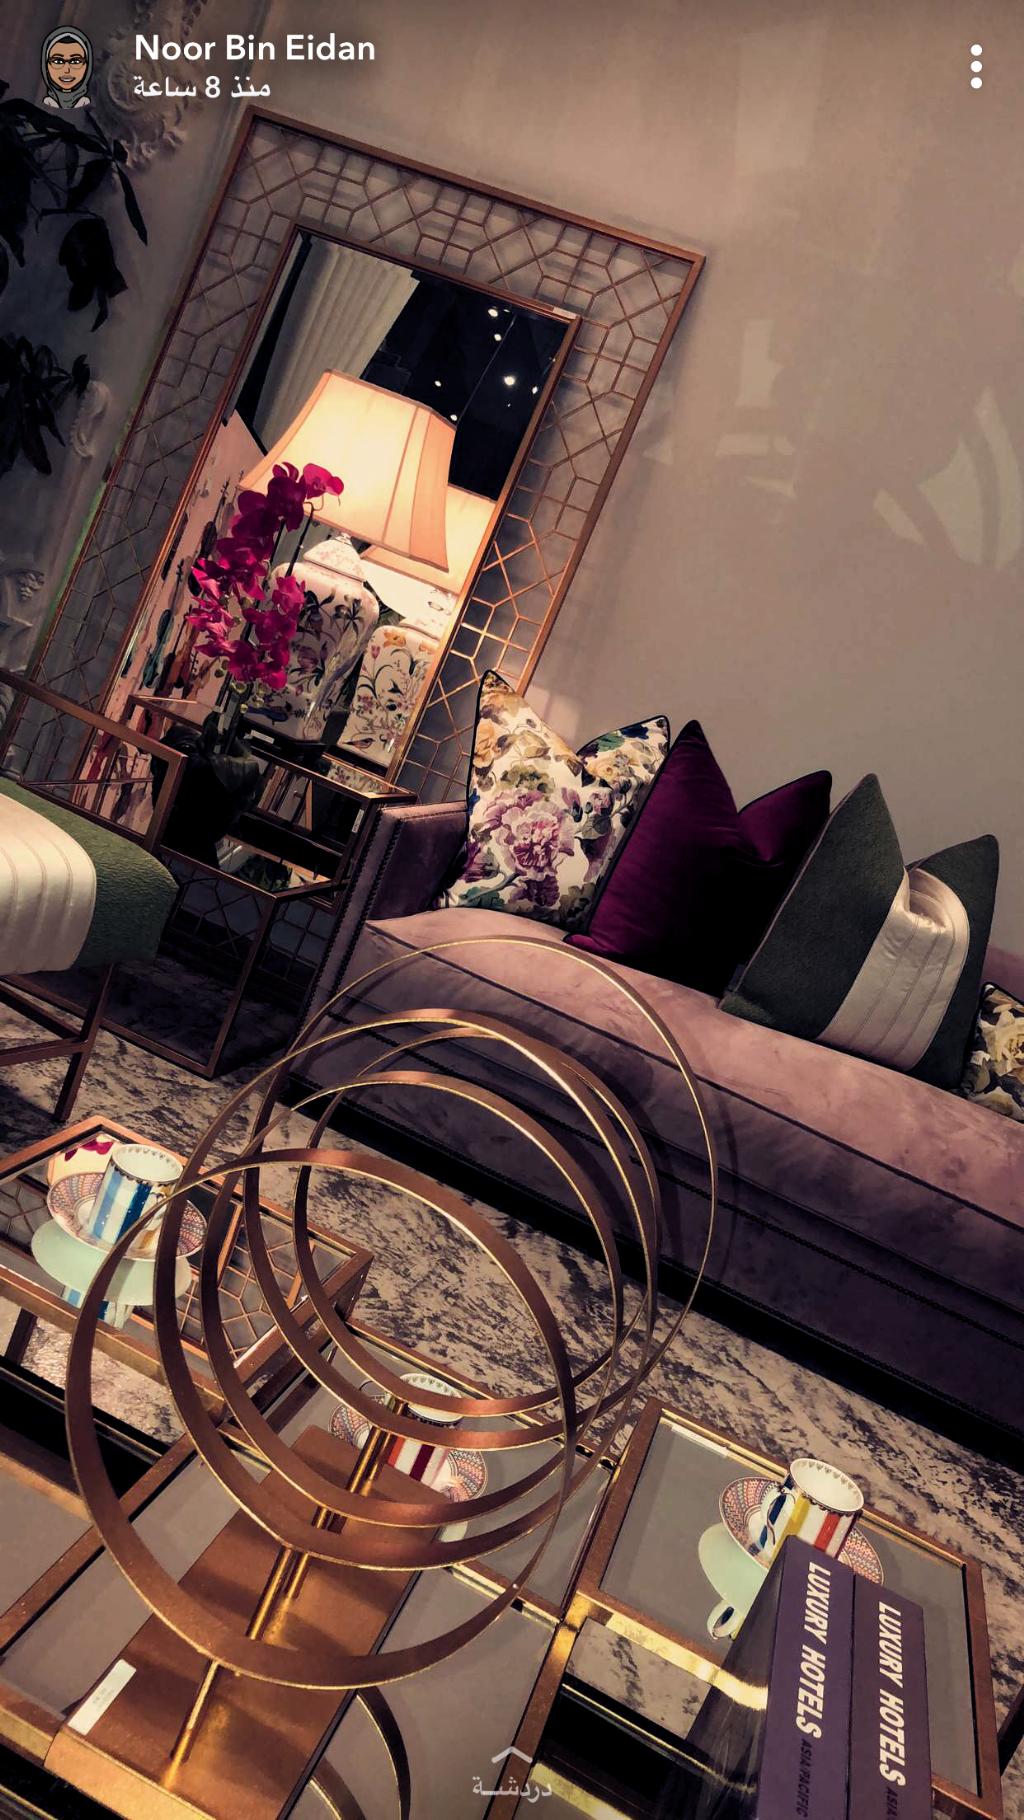 Pin By Shams Mohamed On ستاير شمس محمد على Table Decor Living Room Home Goods Decor Living Room Design Decor